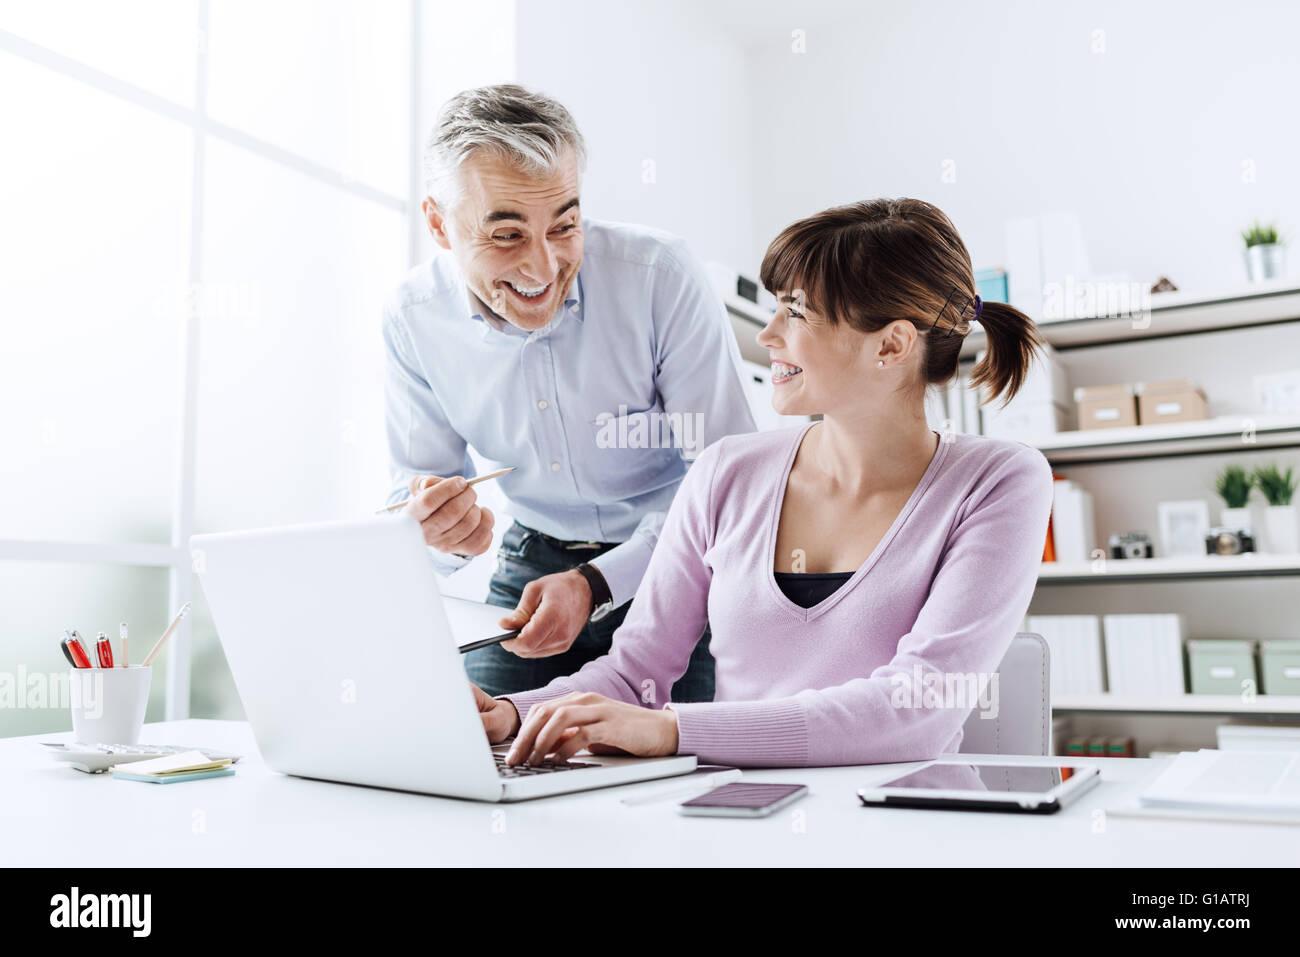 Cheerful des gens d'affaires de l'office, ils travaillent ensemble et souriant, la femme est la saisie sur Photo Stock